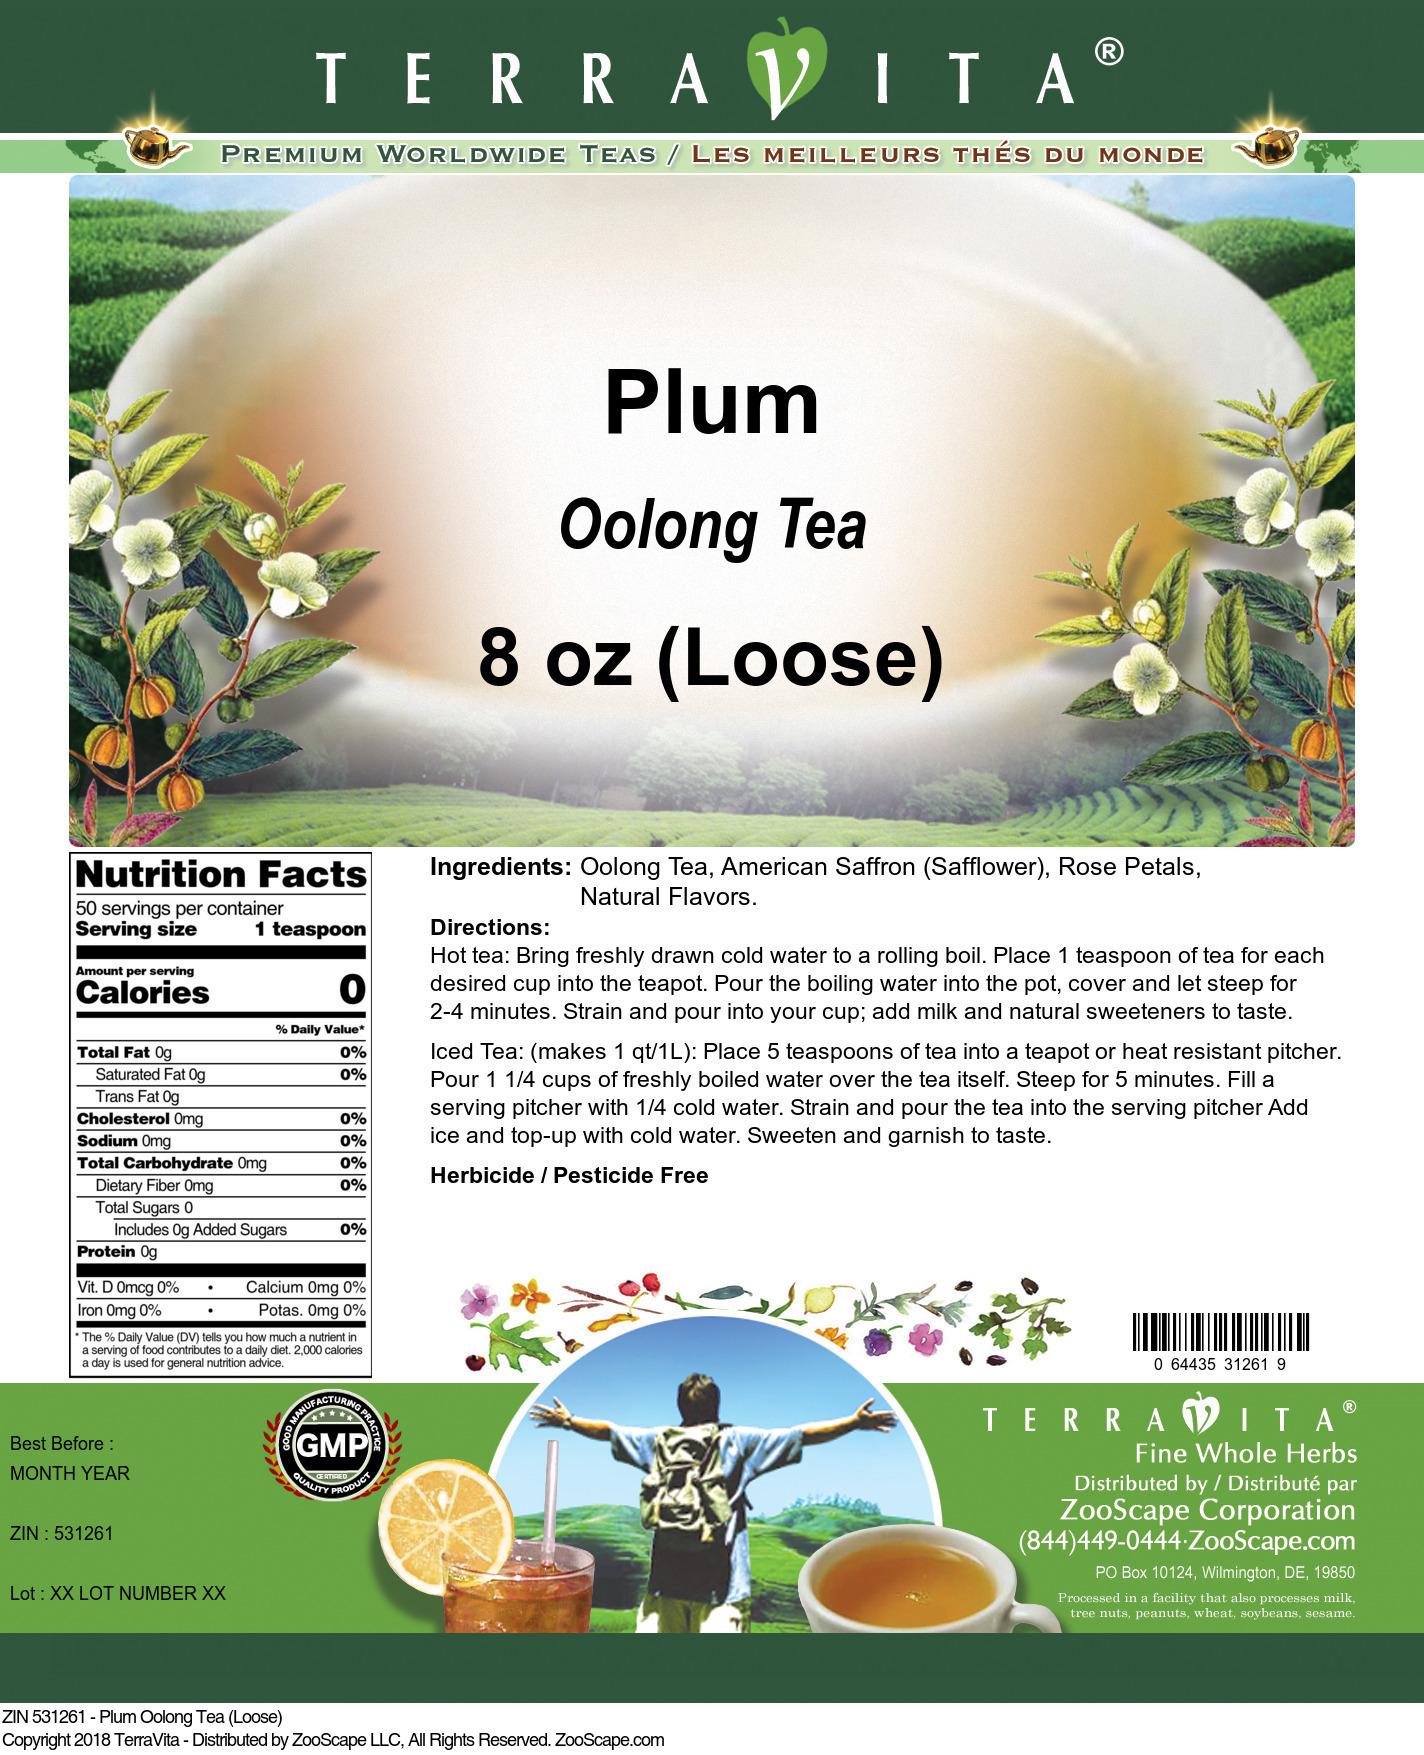 Plum Oolong Tea (Loose)